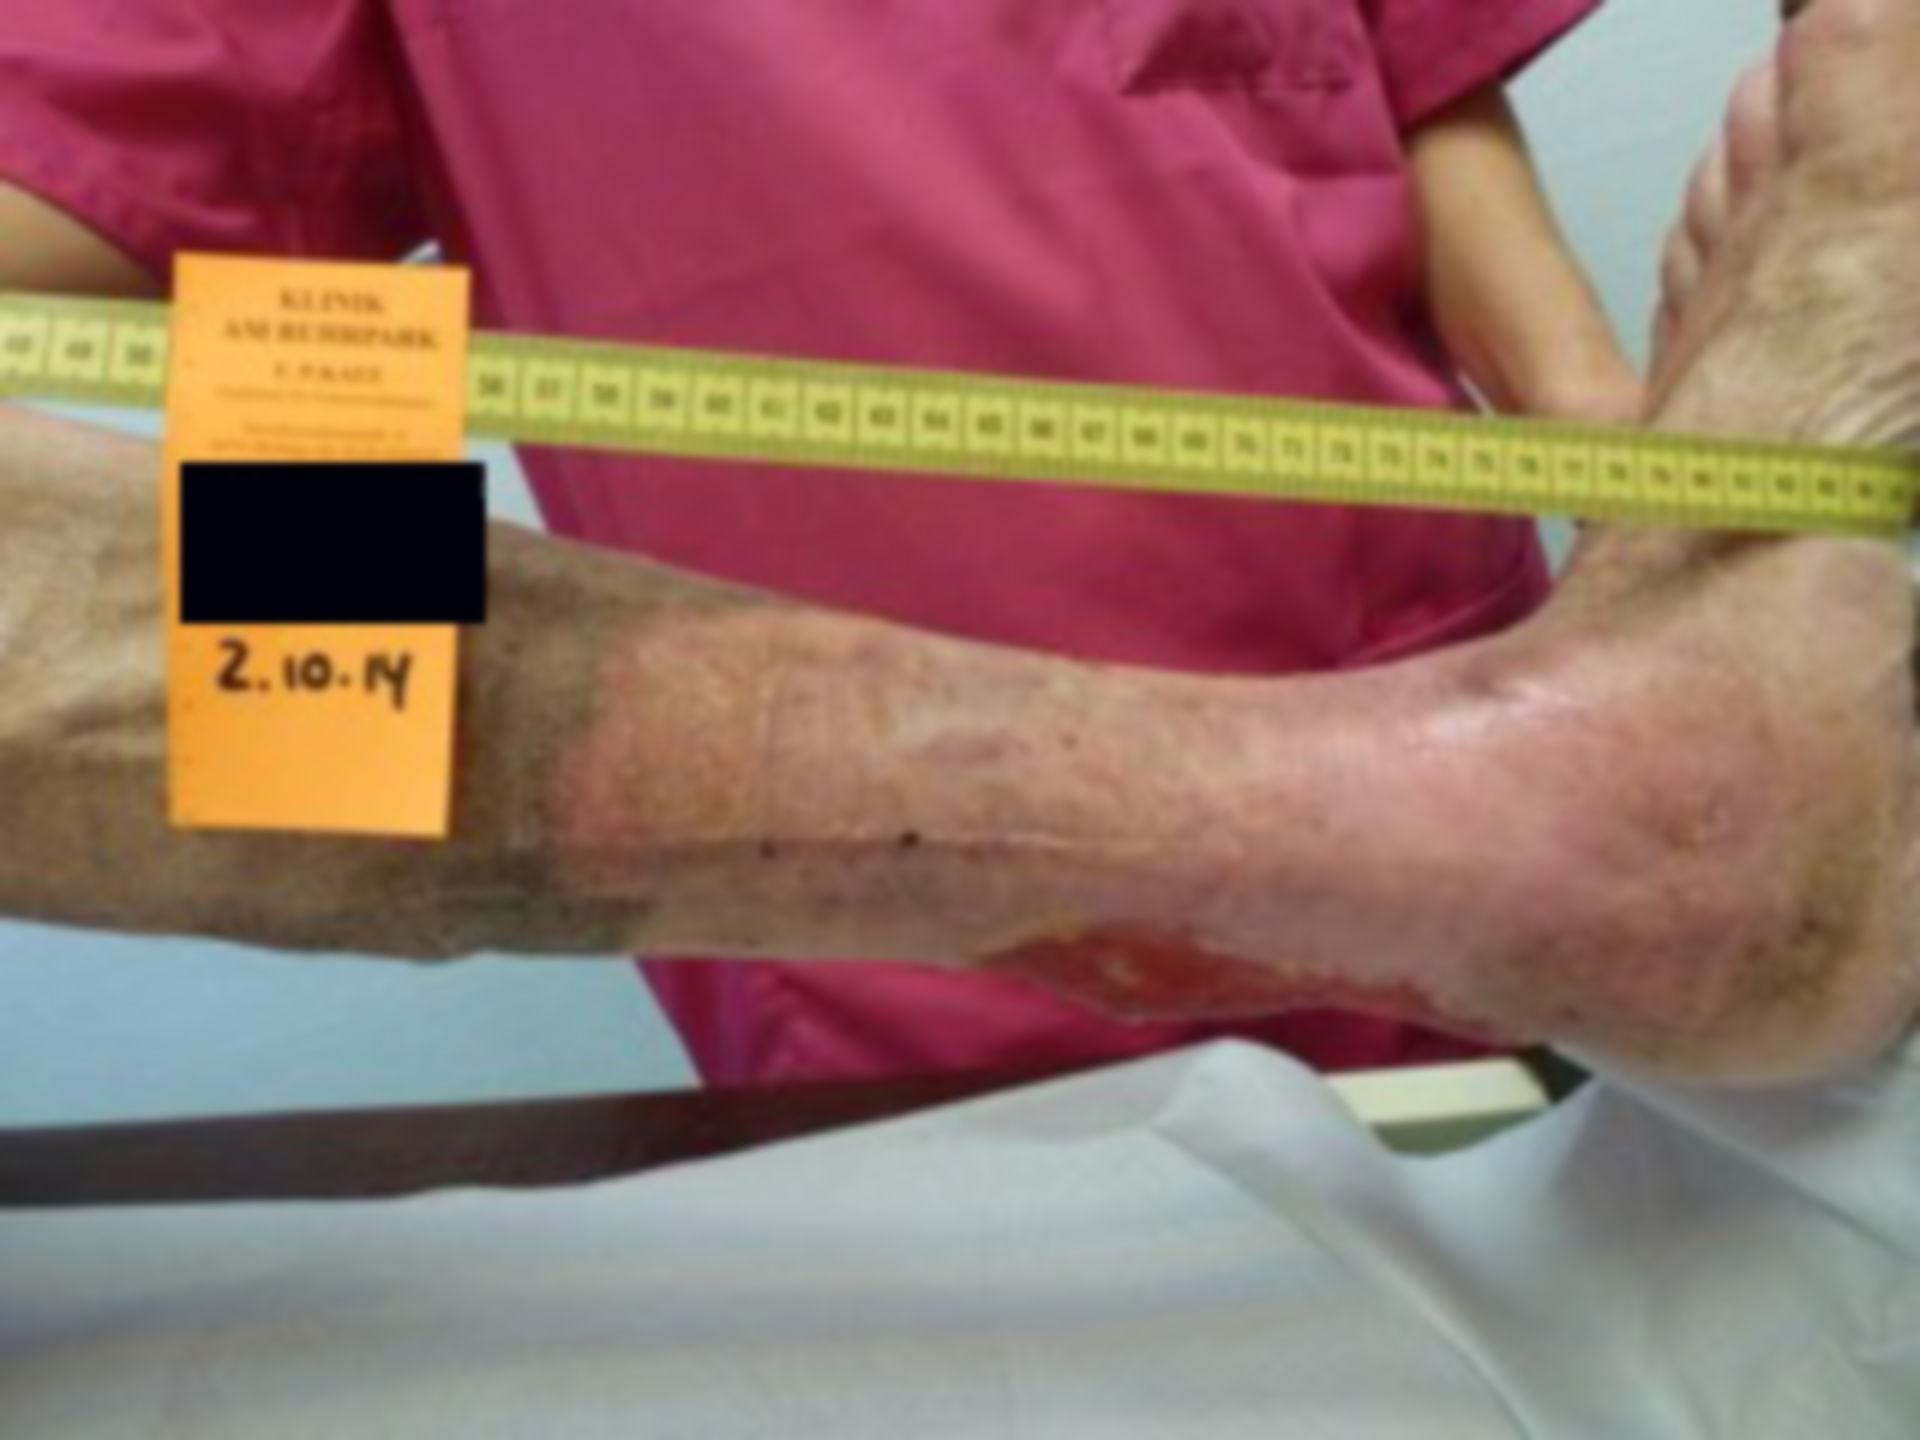 Úlcera de la pierna - abierta por 40 años (26)